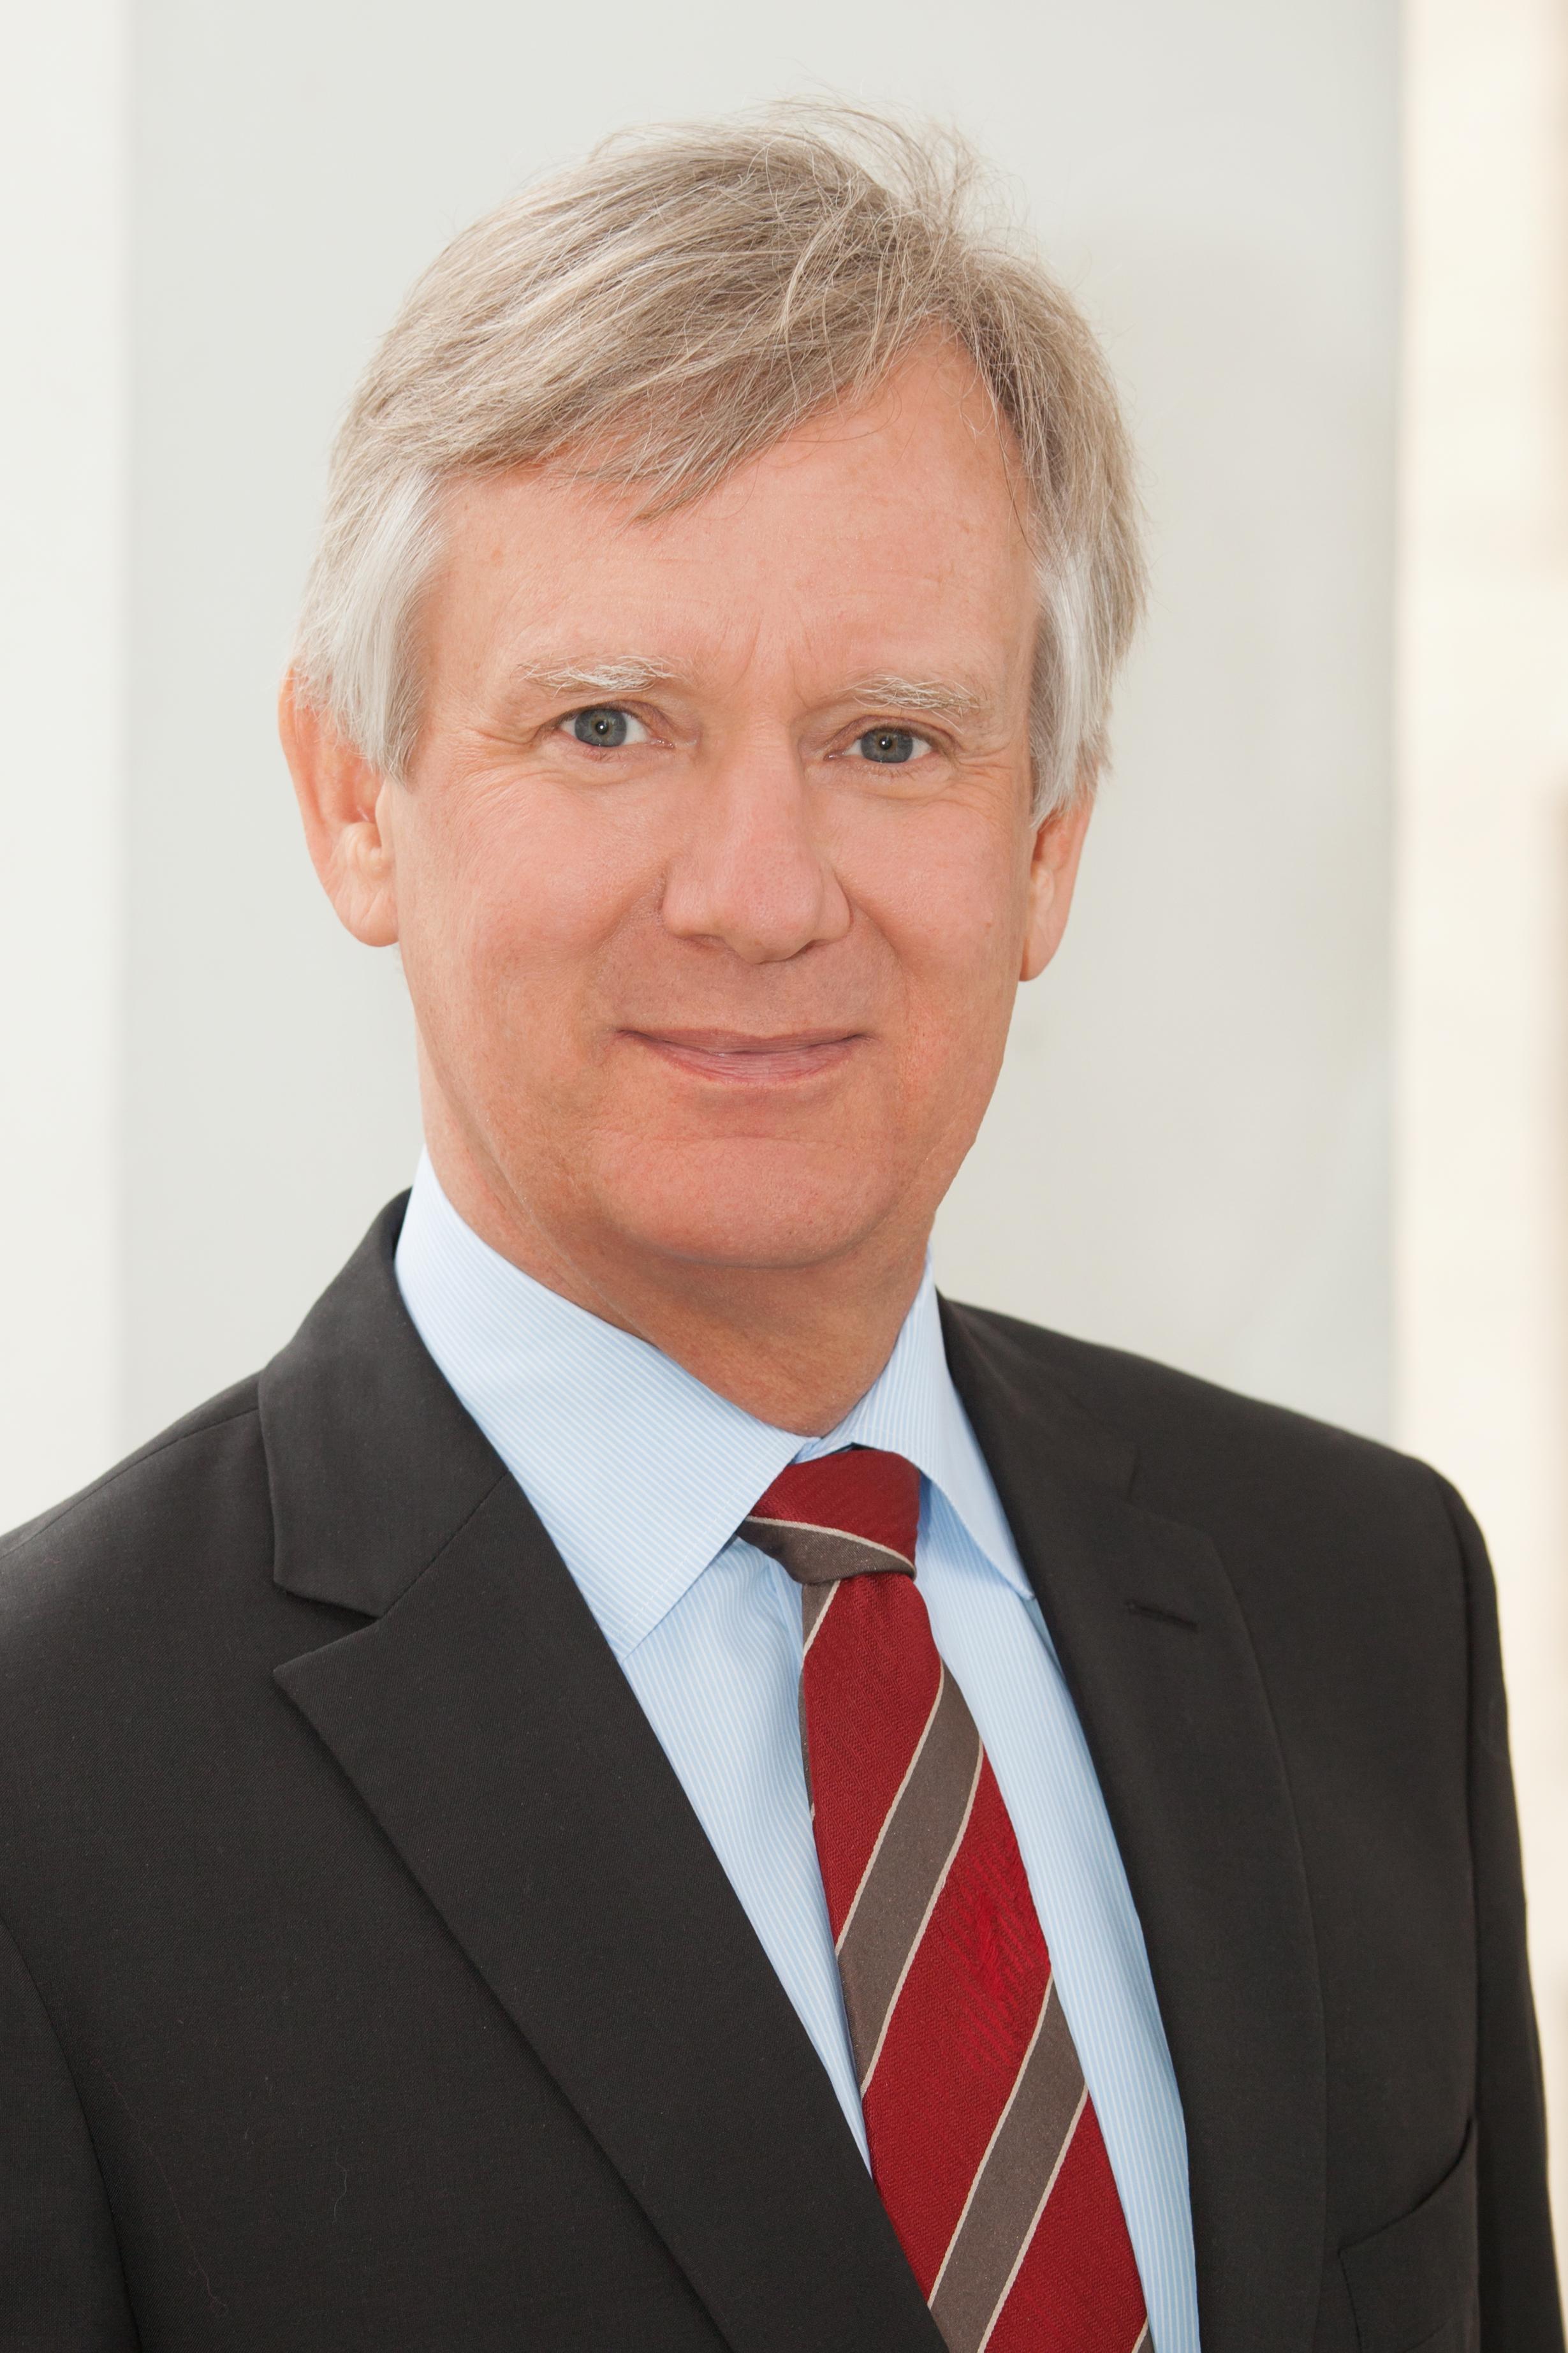 Prof Schiereck Mitglied des Aufsichtsratsrats creditshelf AG